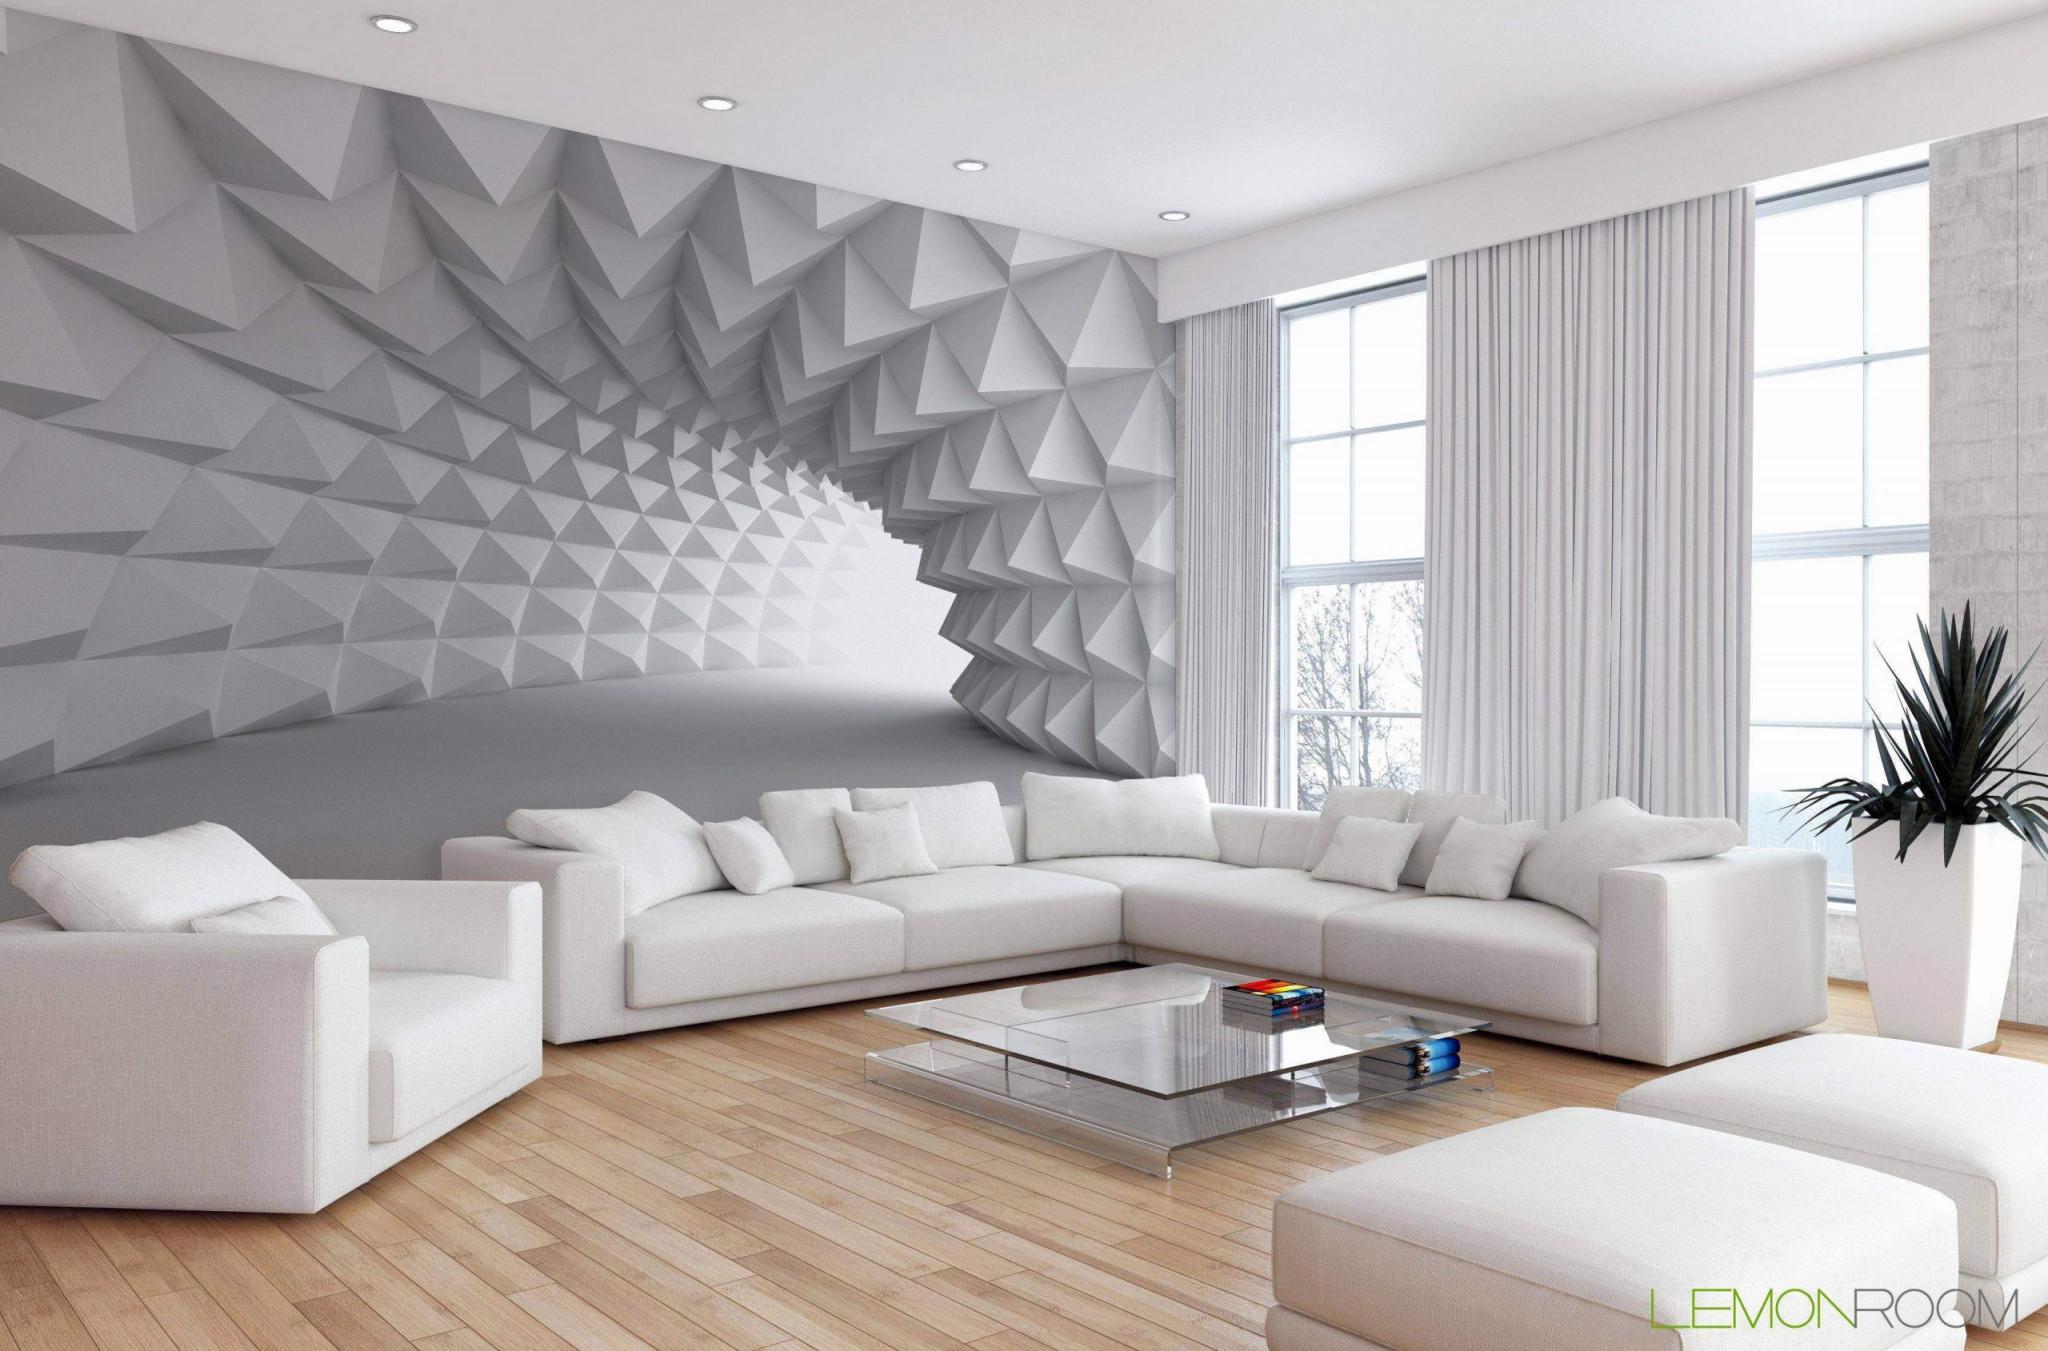 26 Luxus Tapeten Ideen Wohnzimmer Grau Elegant  Wohnzimmer von Tapeten Ideen Wohnzimmer Grau Bild